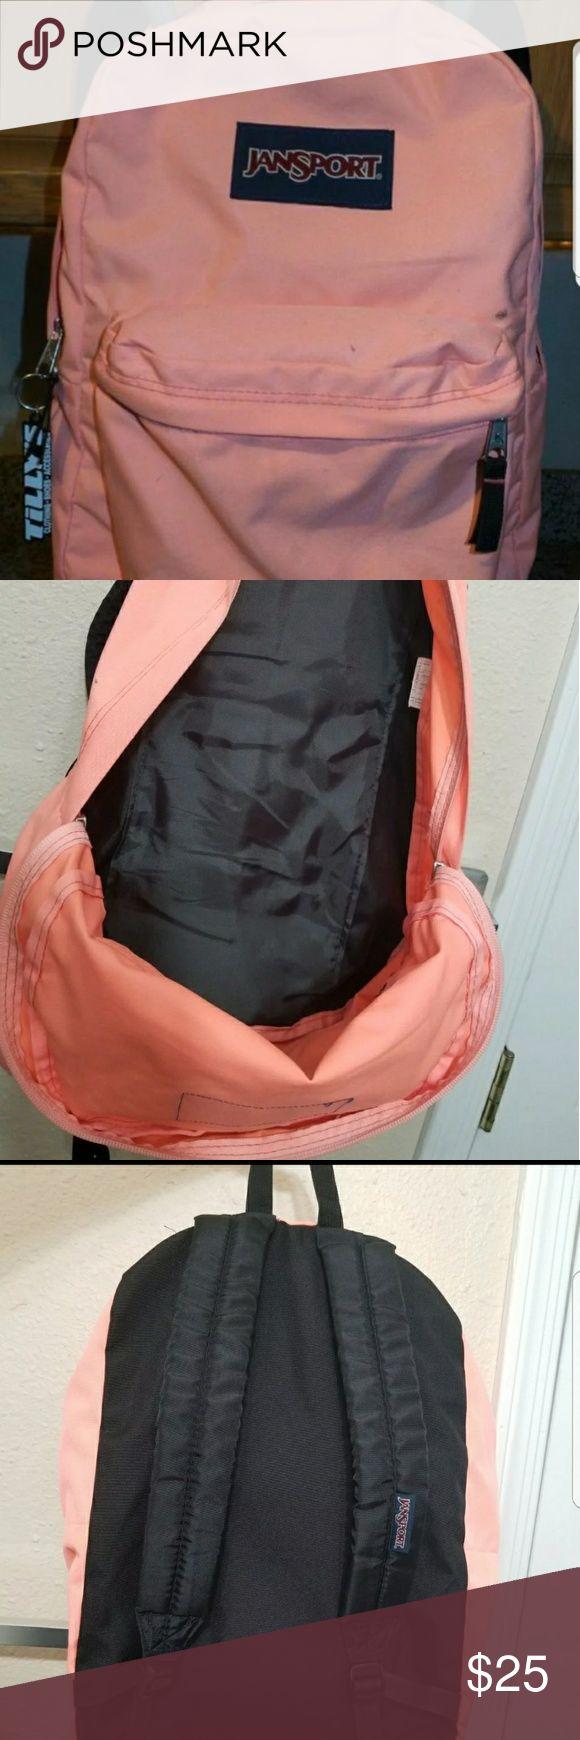 Pink Jansport backpack Pink Jansport with tillys tag in great shape. Jansport Bags Backpacks